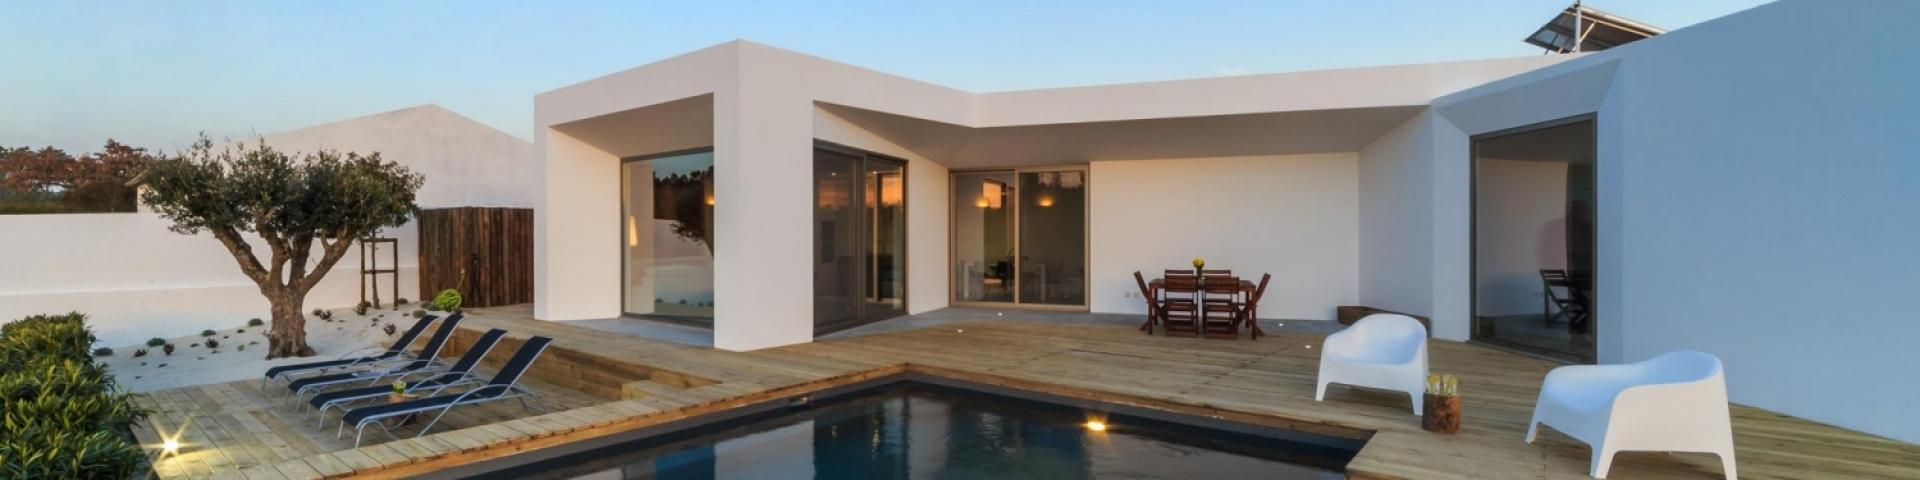 la rochelle ile de r immobilier toutes les entreprises de l immobilier de la rochelle et de l. Black Bedroom Furniture Sets. Home Design Ideas